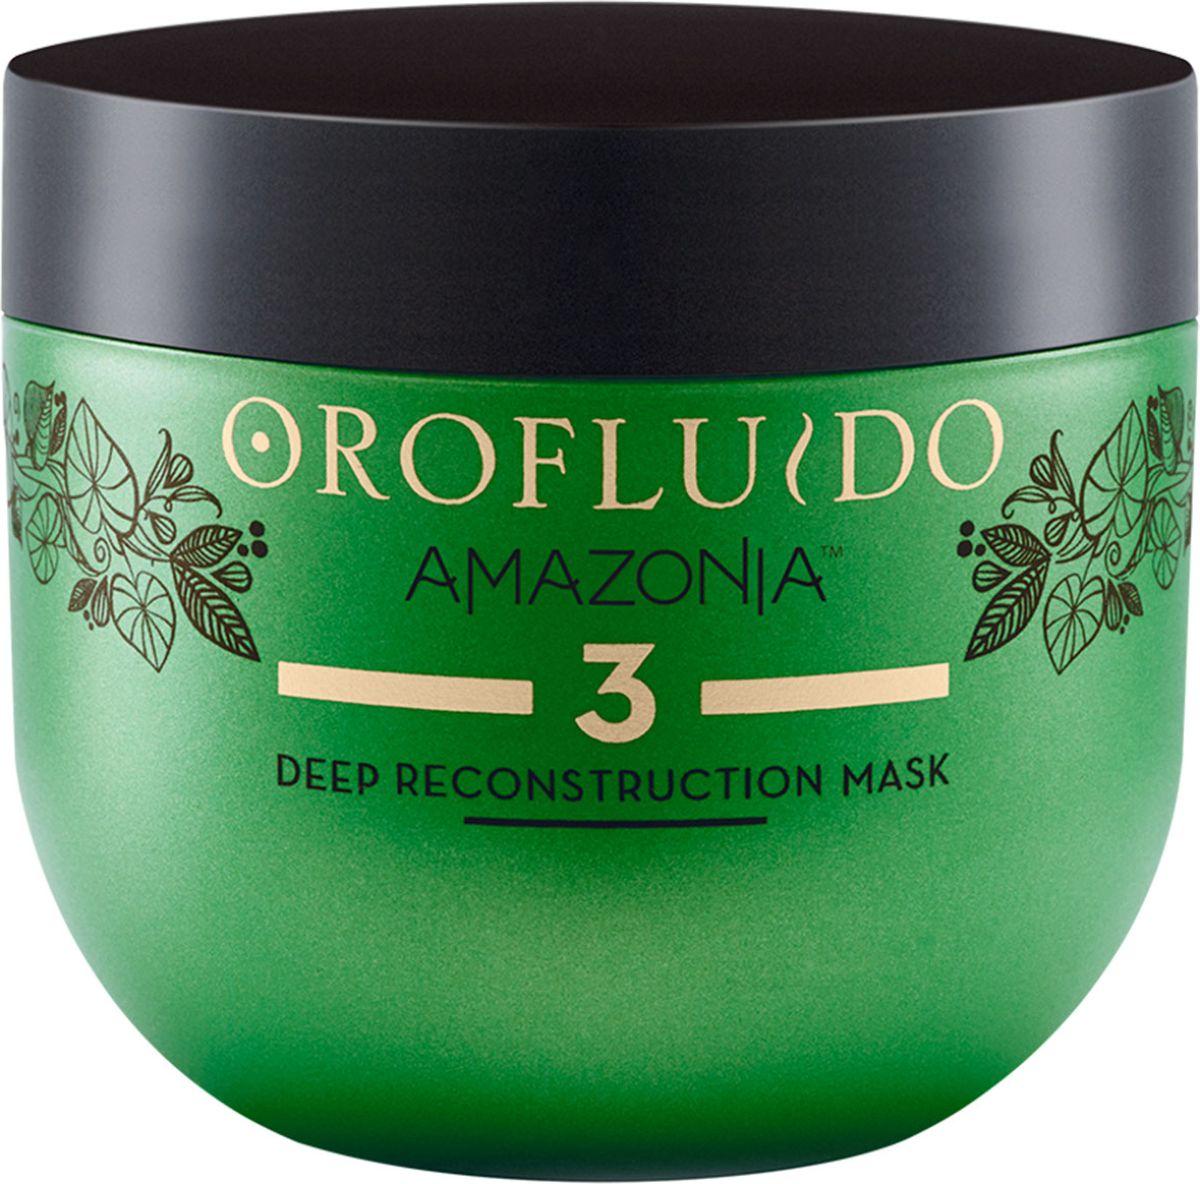 Orofluido Amazonia Deep Reconstruction Mask Шаг 3 Маска для глубокого восстановления волос, 500 мл7240453000Orofluido Amazonia Deep Reconstraction Mask Шаг 3. Маска для глубокого восстановления 500 мл.Обогащенная кератином формула глубоко проникает в волос, восстанавливая структурные повреждения изнутри. Разглаживает, запечатывает кутикулу, защищает и предотвращает от возможных повреждений. Основные ингредиенты: Уникальное сочетание 3 масел Амазонии: масло Мурумуру, масло Сача Инчи и экстракт ягод Асаи Масло Муру-муру Богато жирными кислотами, которые помогают восстановить кутикулу и делают волосы мягкими, гладкими и устойчивыми к повреждениям. Формирует защитную пленку, сглаживает кутикулу – обеспечивает восстановление и плотность. Масло Сача Инчи Высокое содержание ненасыщенных жирных кислот Omega-3 и Omega-6. Восстанавливает волосы, делает их более стойким к повреждениям. Масло ягод Асаи Одни из самых питательных ягод на планете, которые обладают антиоксидантными свойствами. Обеспечивают питание волос изащиту от свободных радикалов.Аромат: Бодрящий аромат экзотических ягод с деликатными острыми верхними нотами цитруса и имбиря, смешиваются с легкимицветочными нотами сердца и чувственными мускусными базовыми нотами.Объем: 500 мл